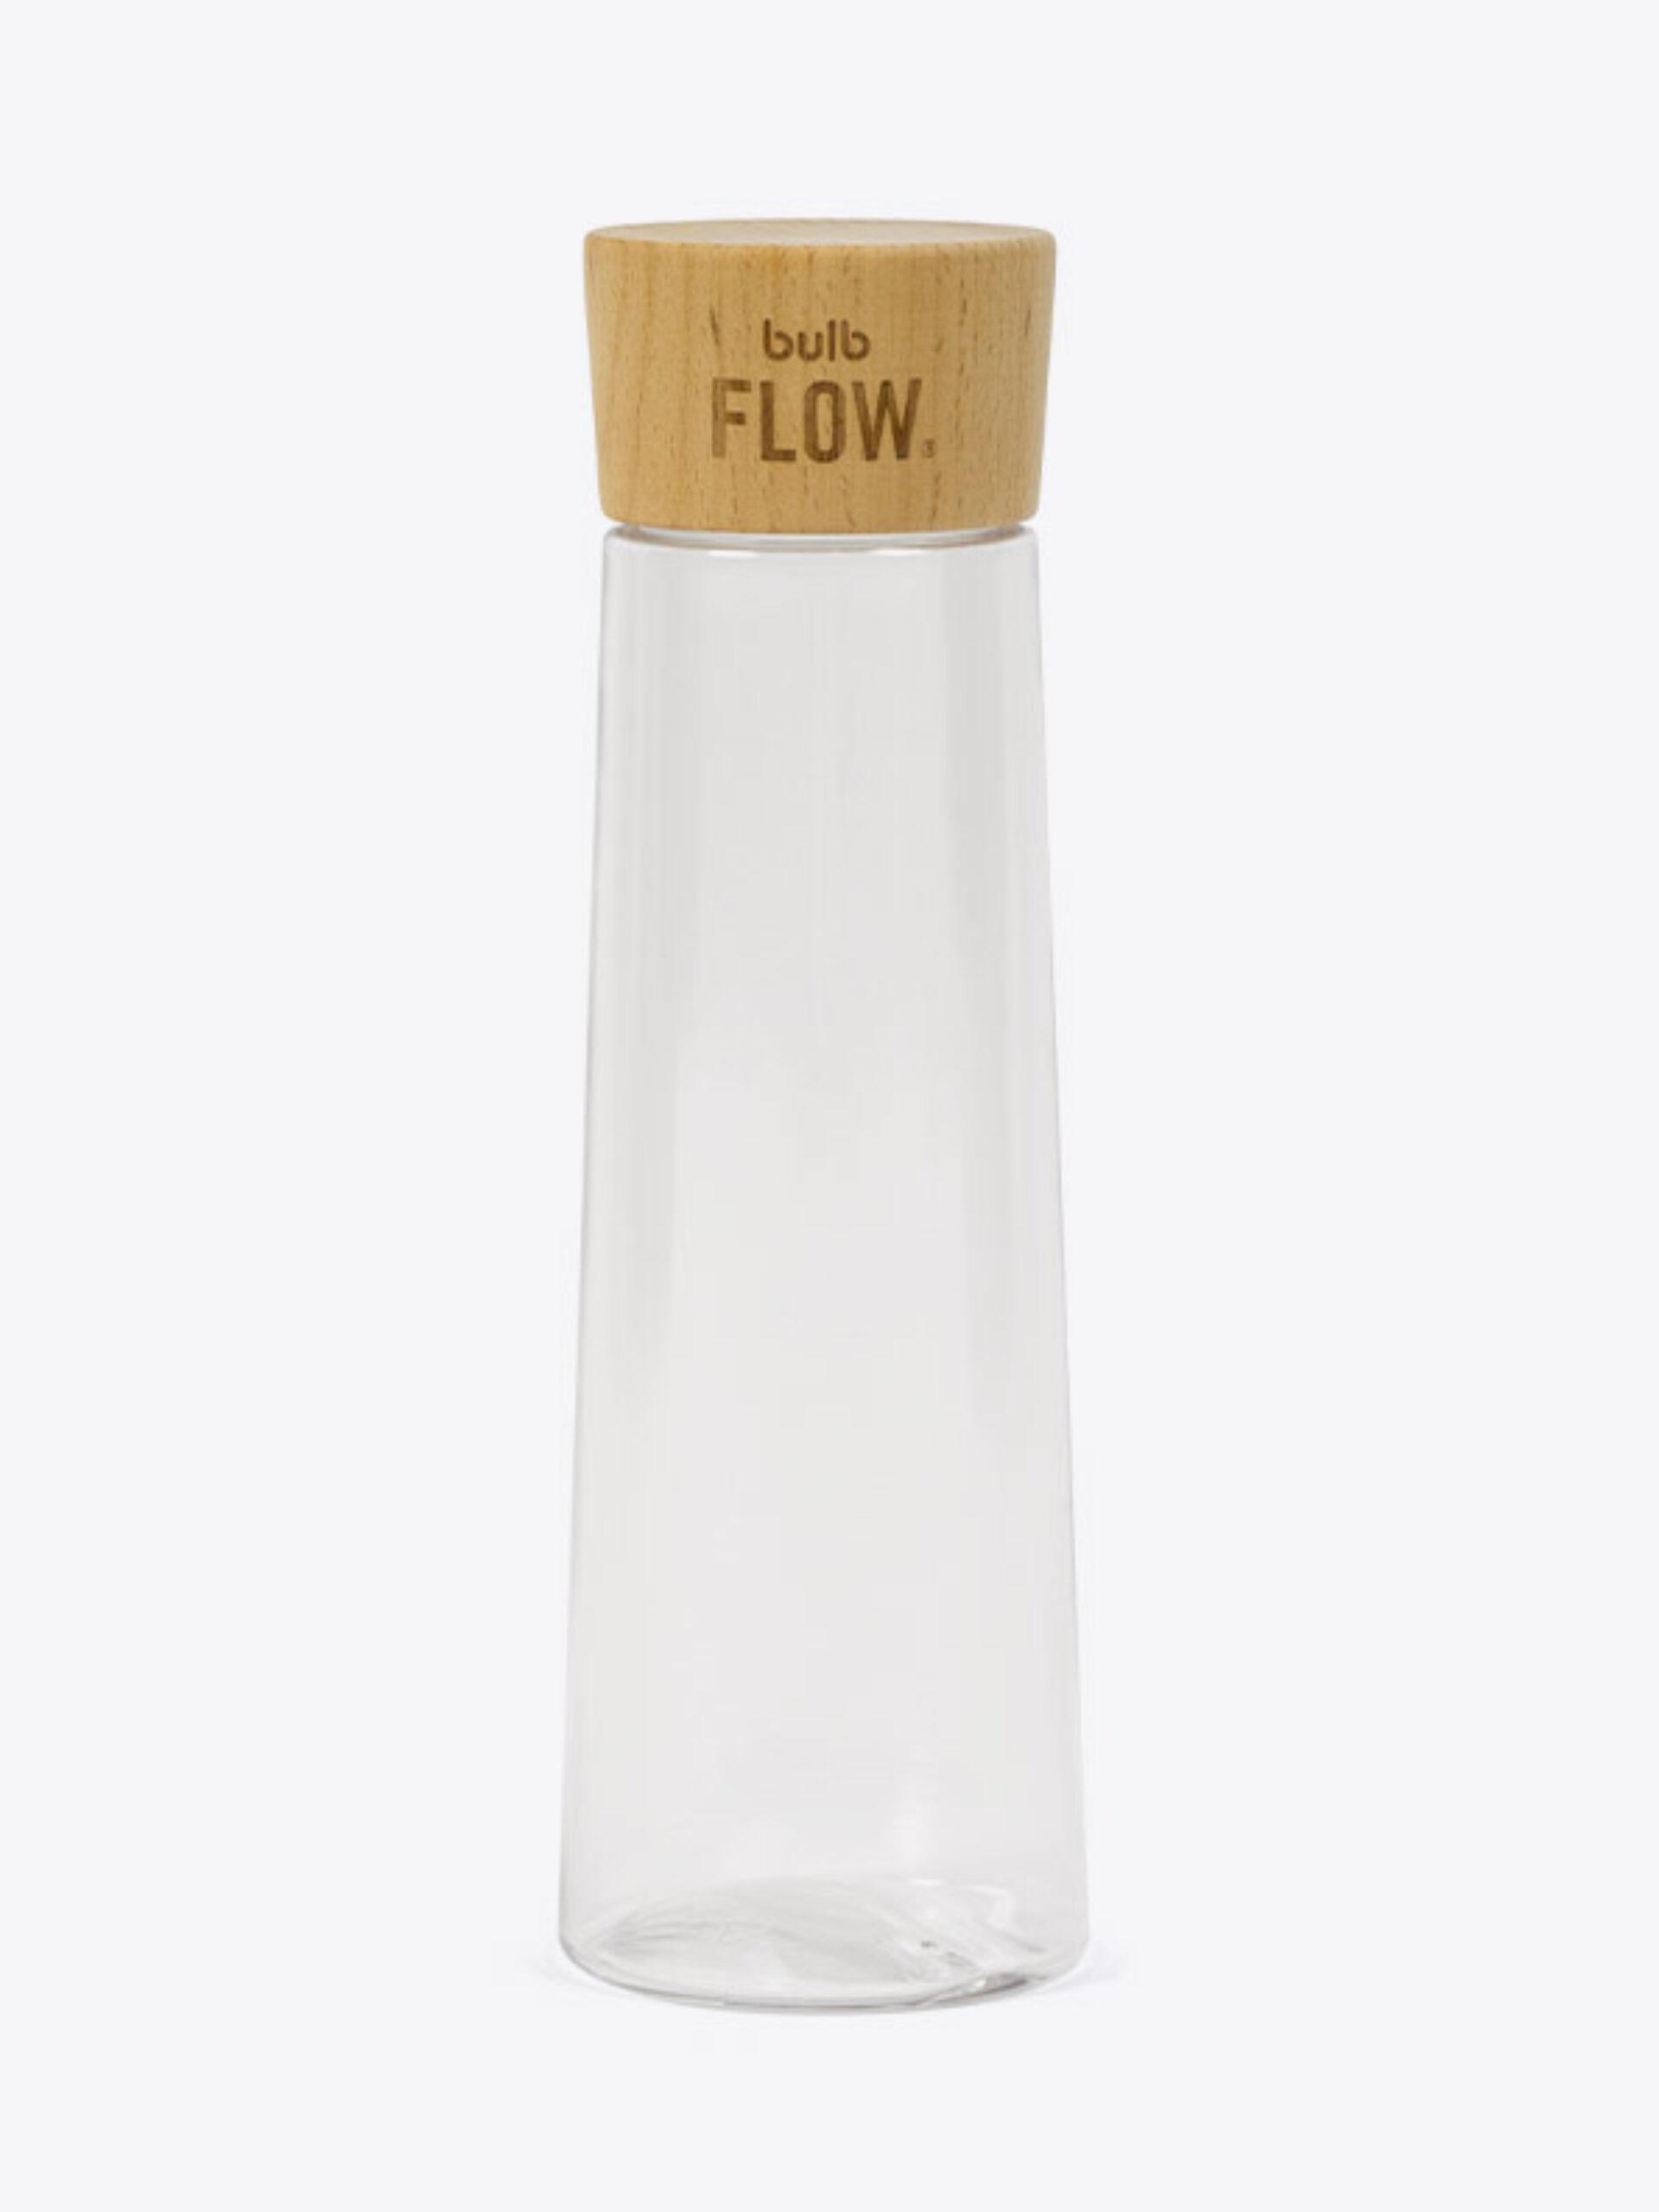 Trinkflasche Bulb Flow Mit Logo Gravierung Holzdeckel